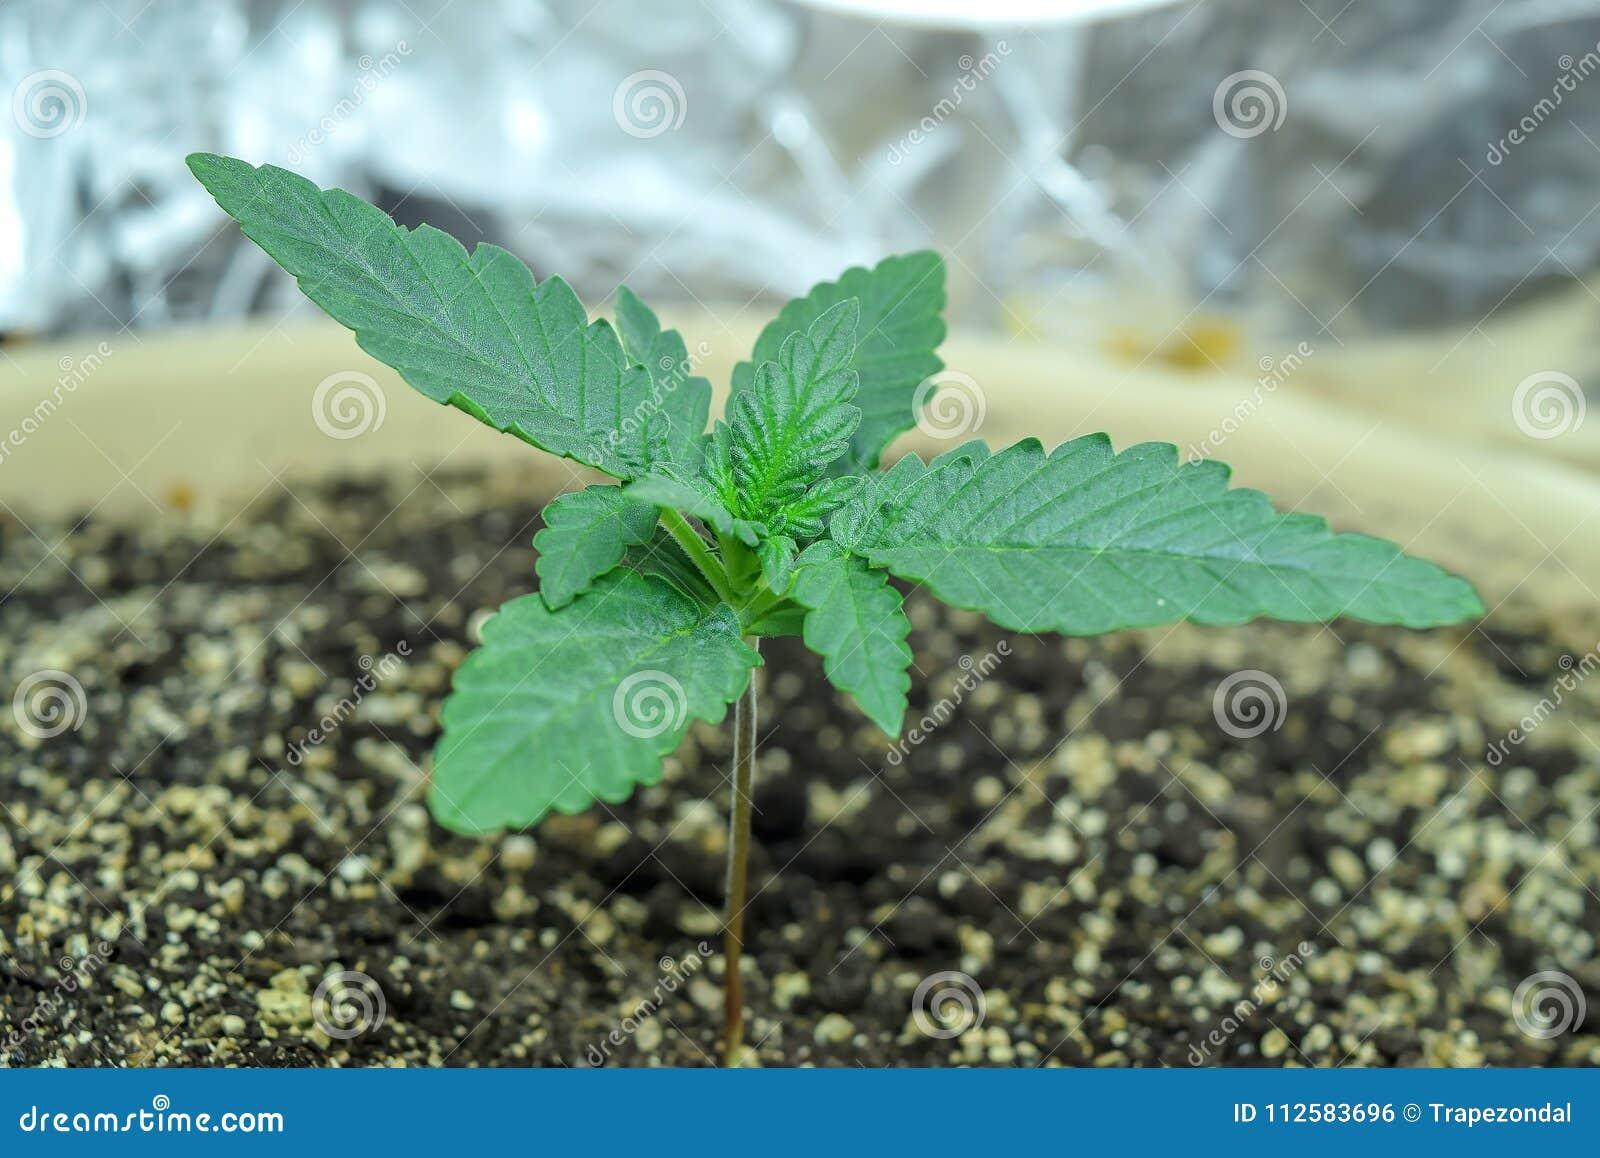 Конопля молодая фото сколько граммов одно растение конопли